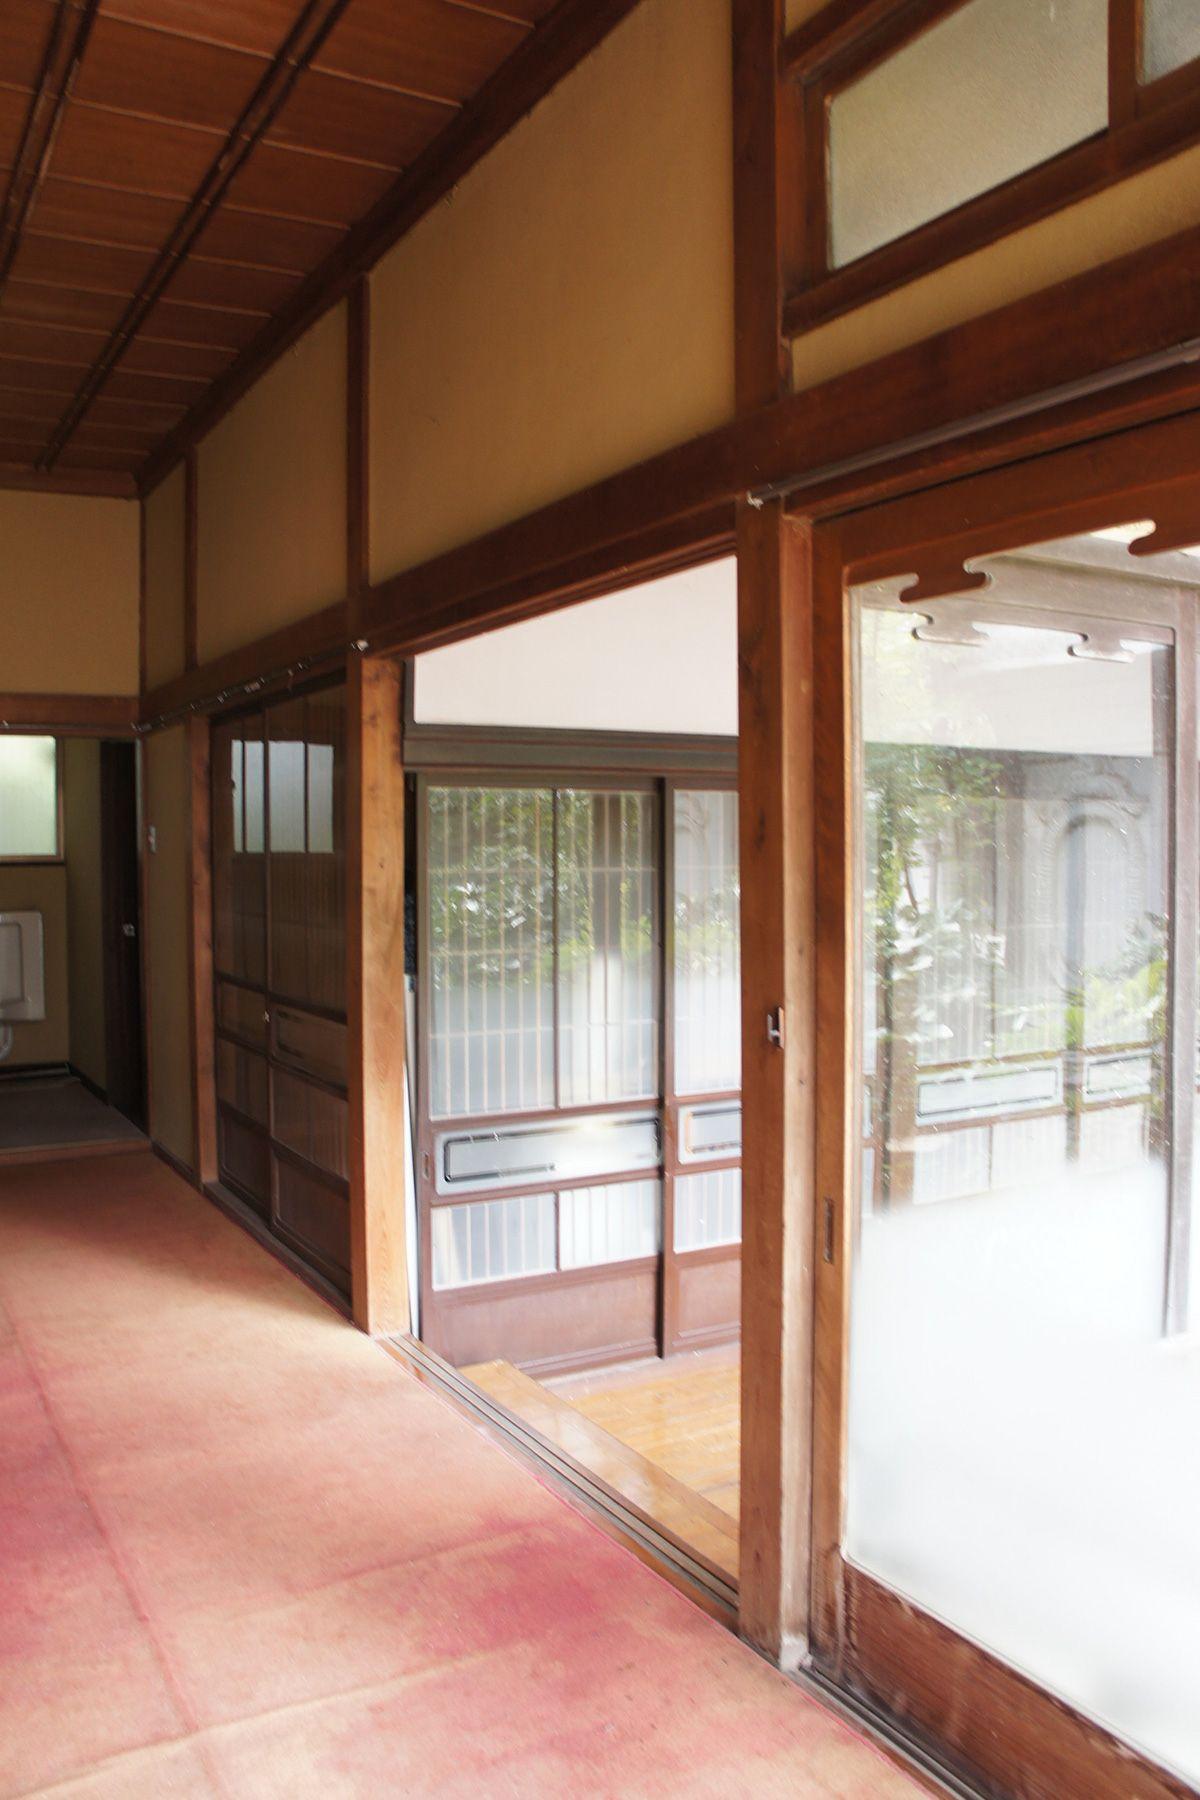 大日苑(ダイニチエン)/旧植竹庄兵衛邸廊下